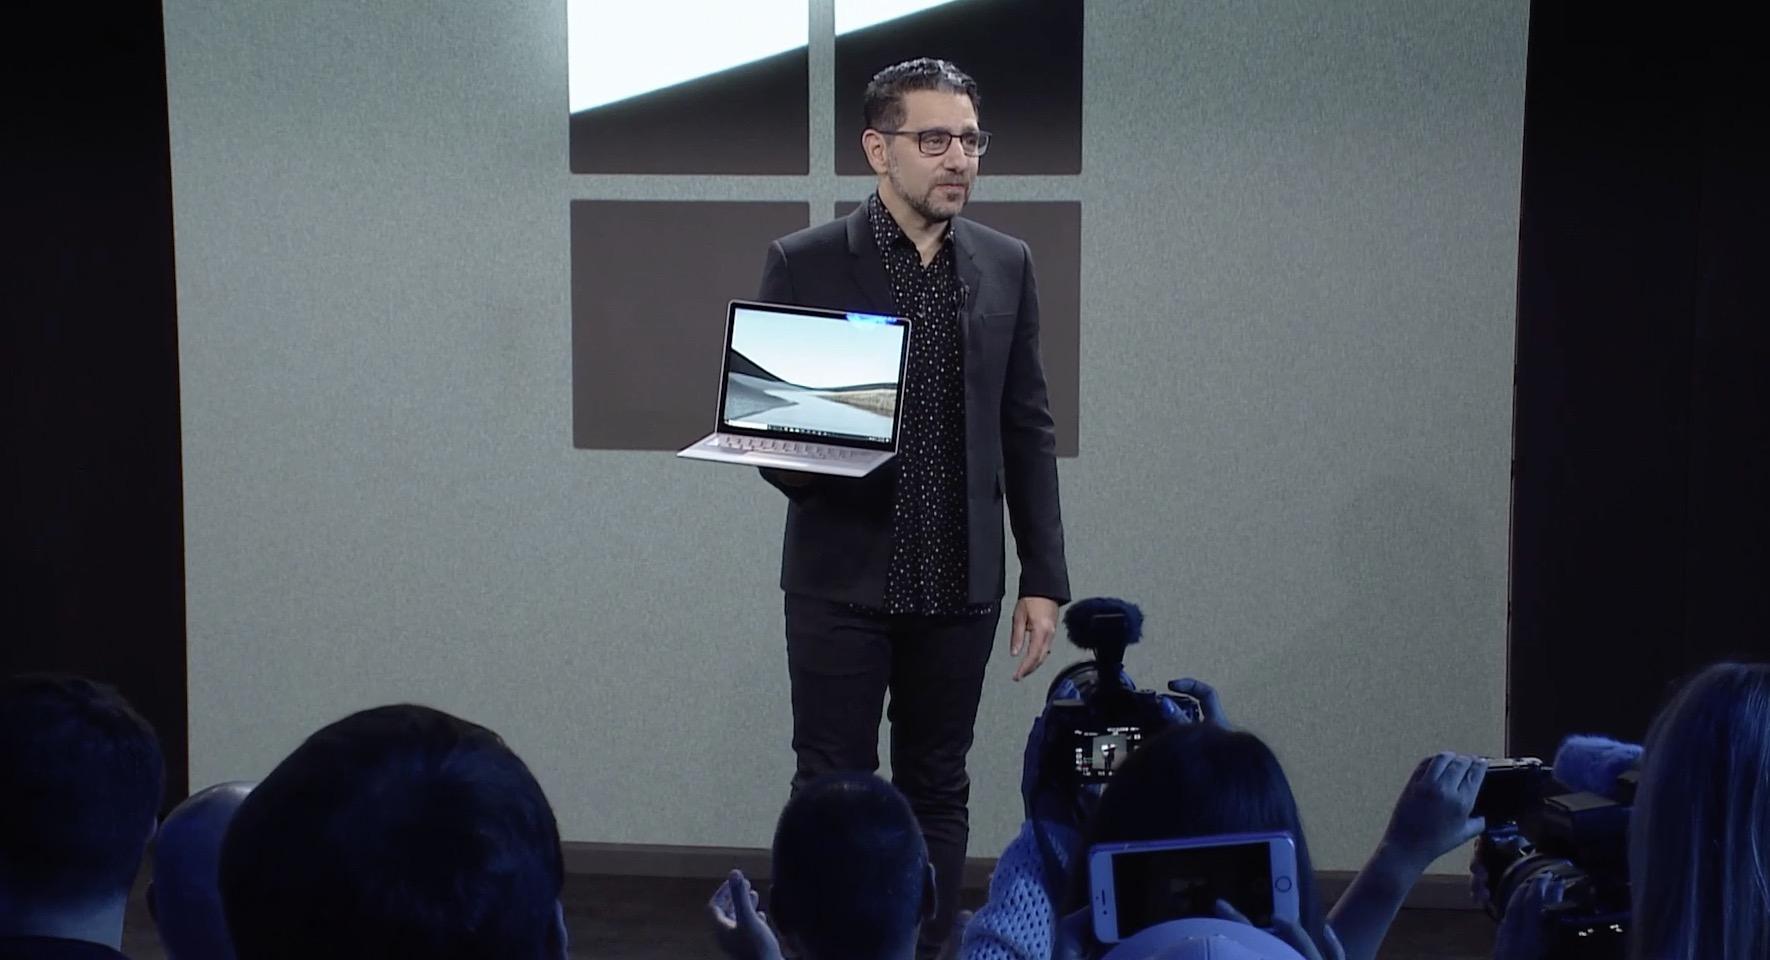 """Ez dut ekipo hau zertarako erabili.  Gainazaleko ordenagailu eramangarria 3 15 """"aukera galdu da MacBook Pro borrokatzeko"""